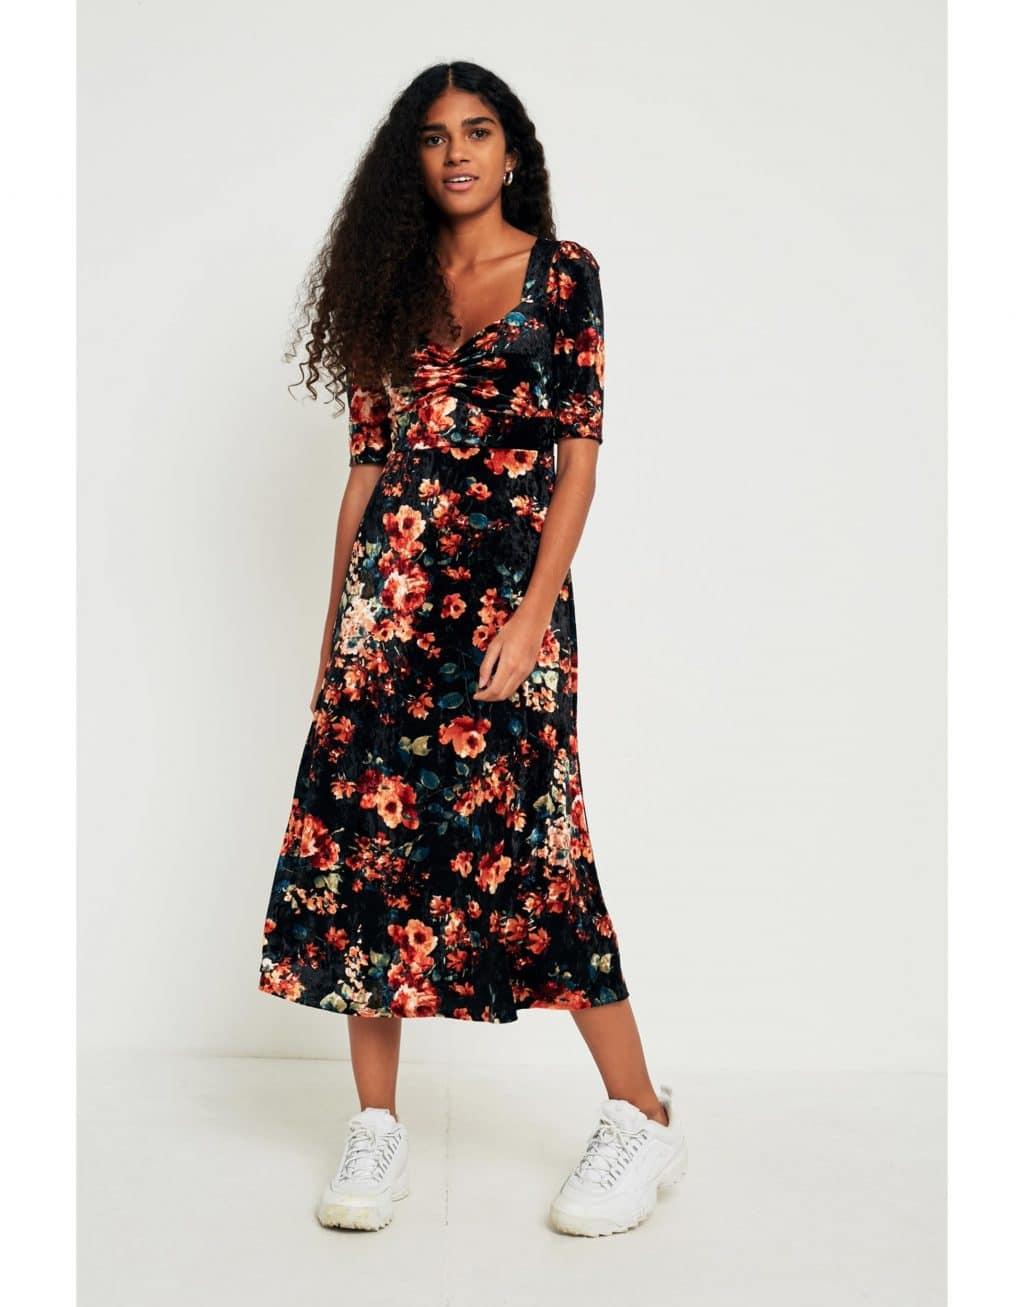 Uo Pins Needles Fl Velvet Sweetheart Neckline Midi Black Multi Dress